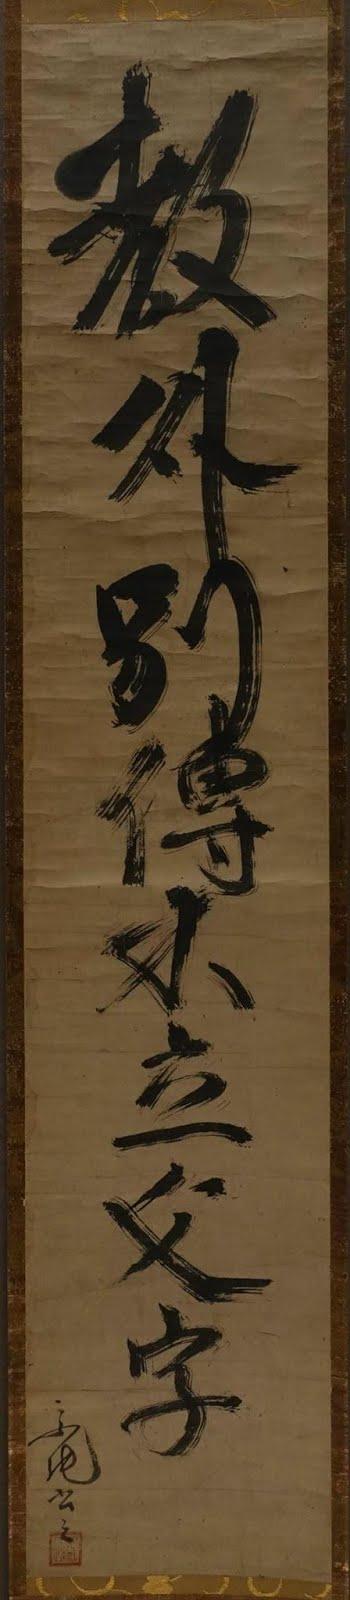 一休宗純 墨跡「教外別伝不立文字」